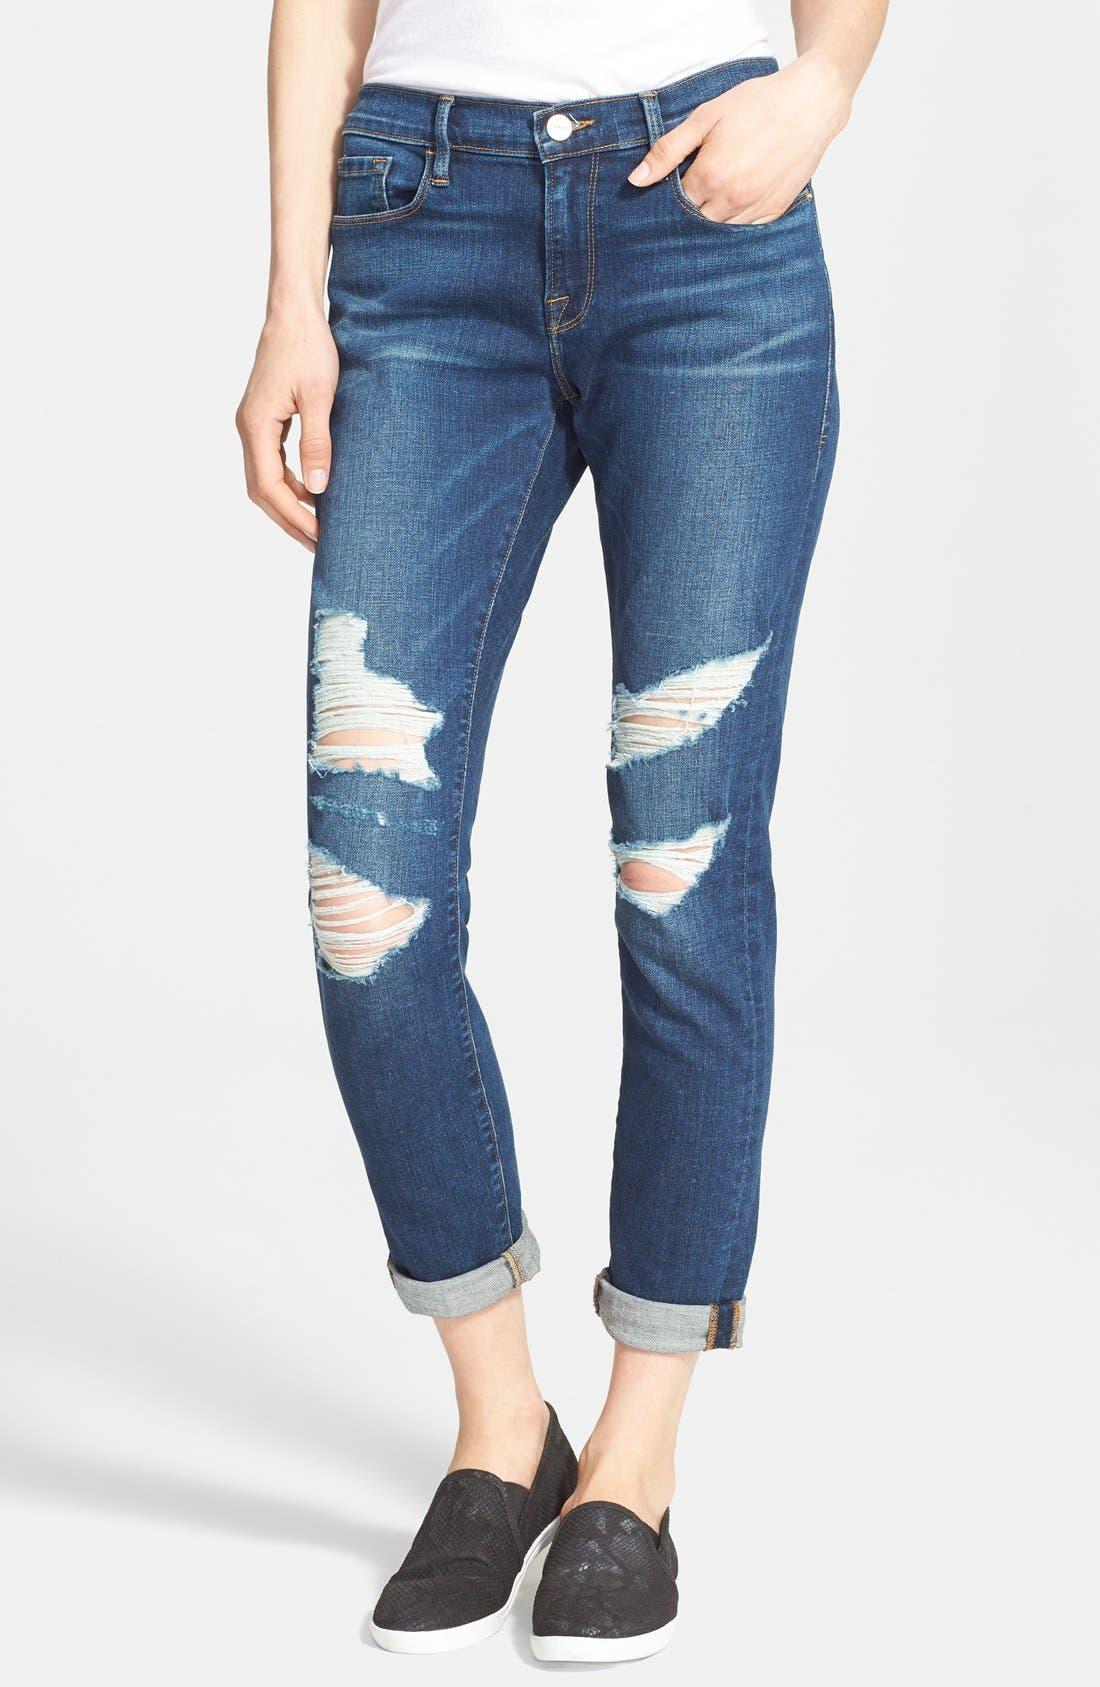 FRAME Denim 'Le Garçon' Boyfriend Jeans, Main, color, 401